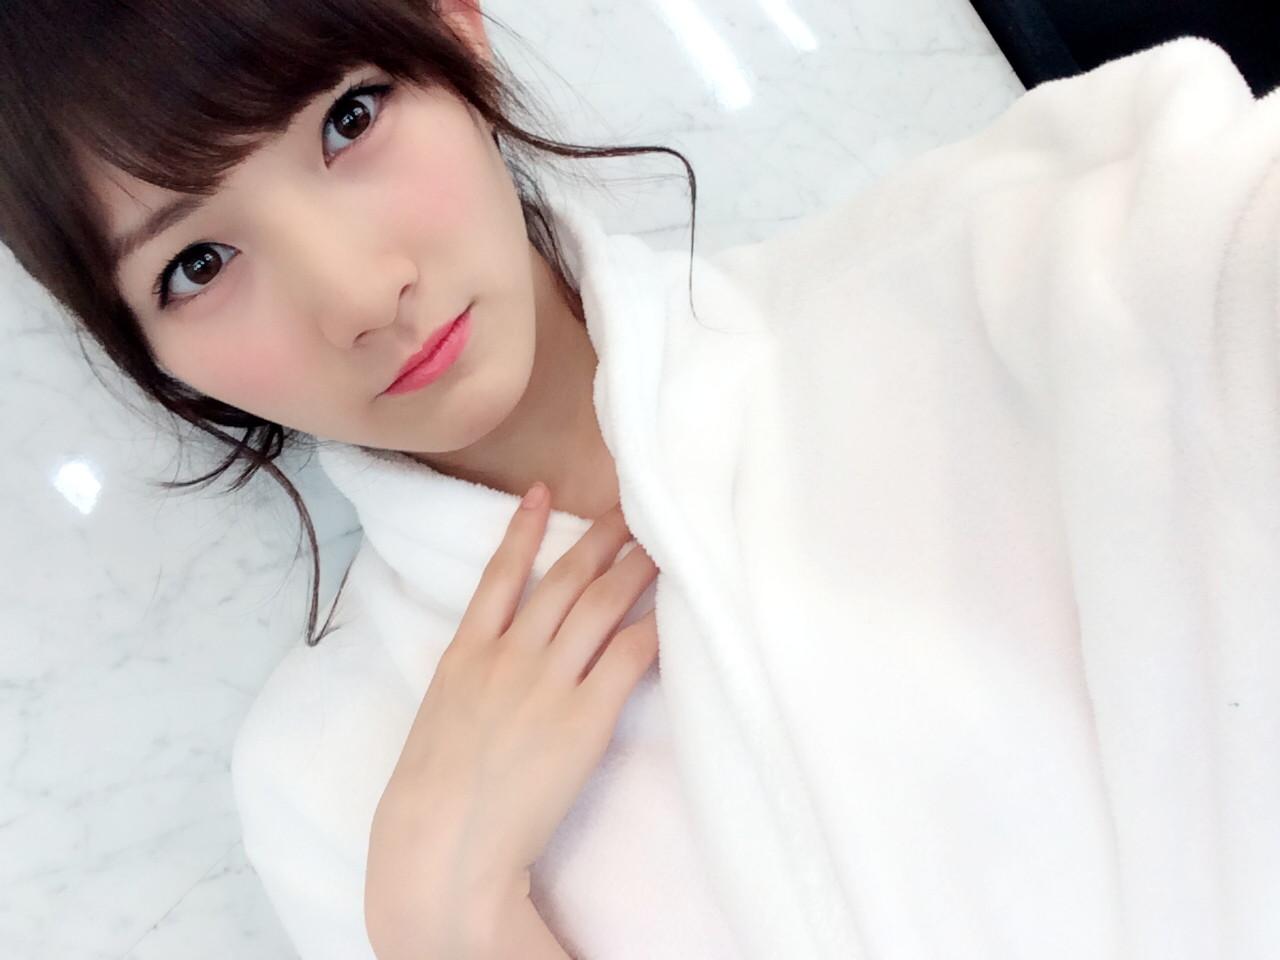 岡田奈々 (AKB48)の画像 p1_28